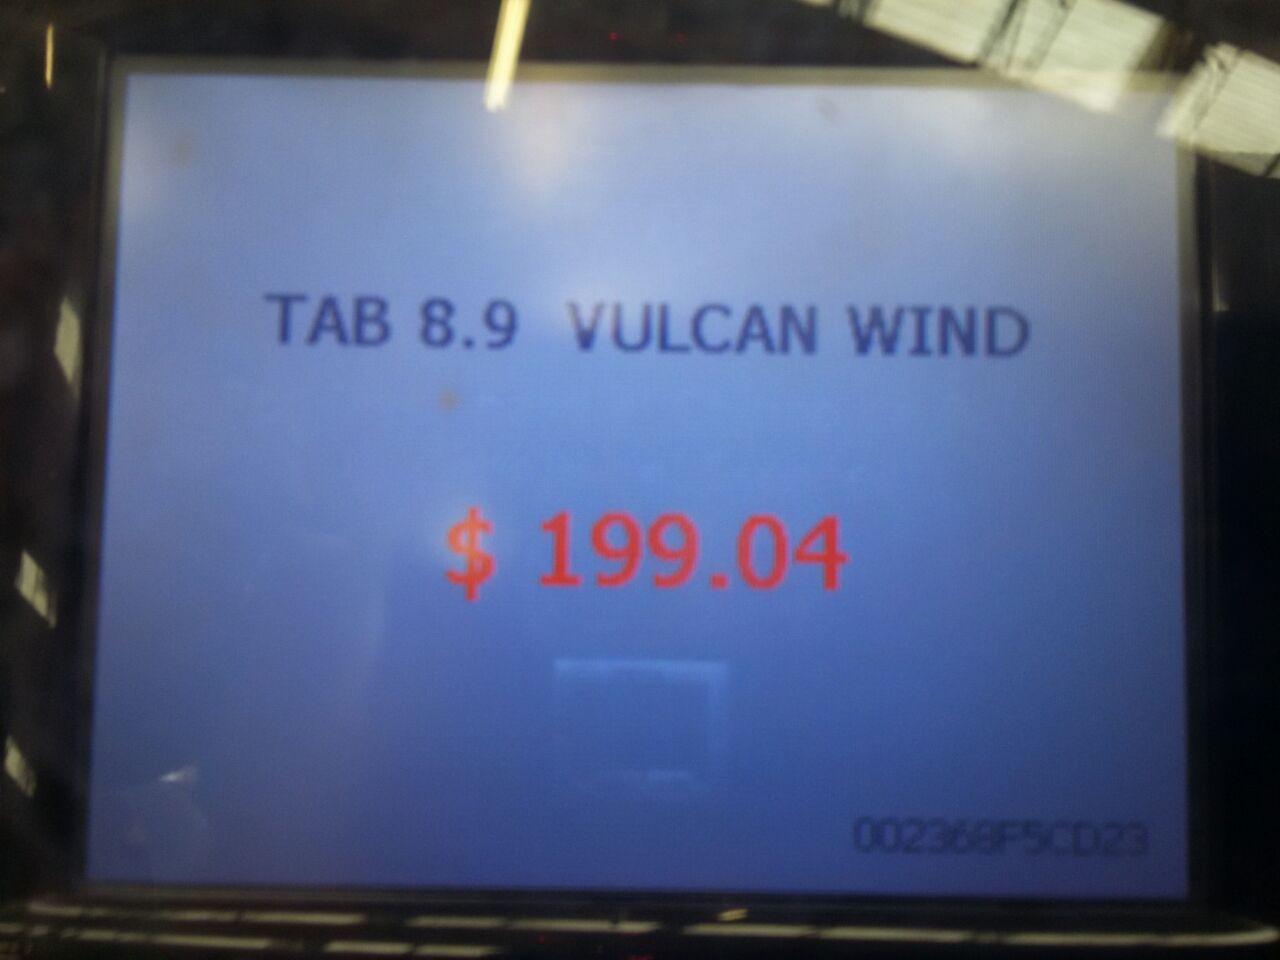 """Walmart: Tablet vulcan de 8.9 """" a $199.04"""